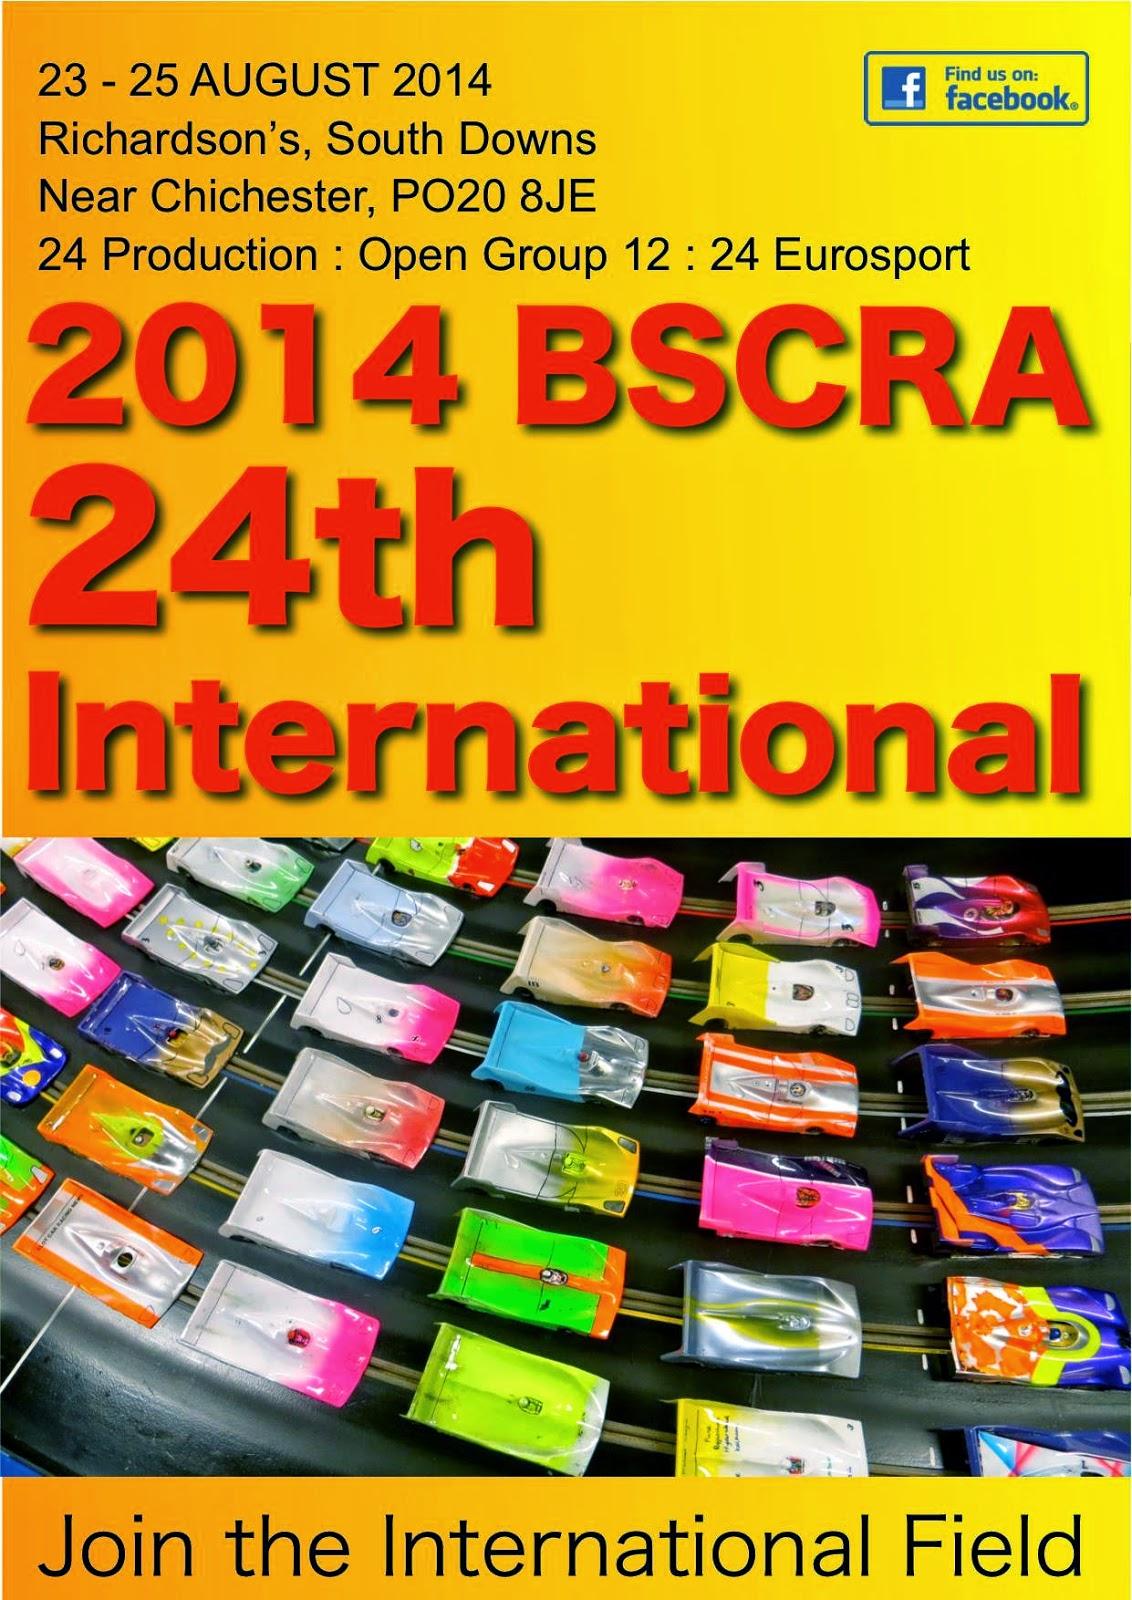 Bscra slot car